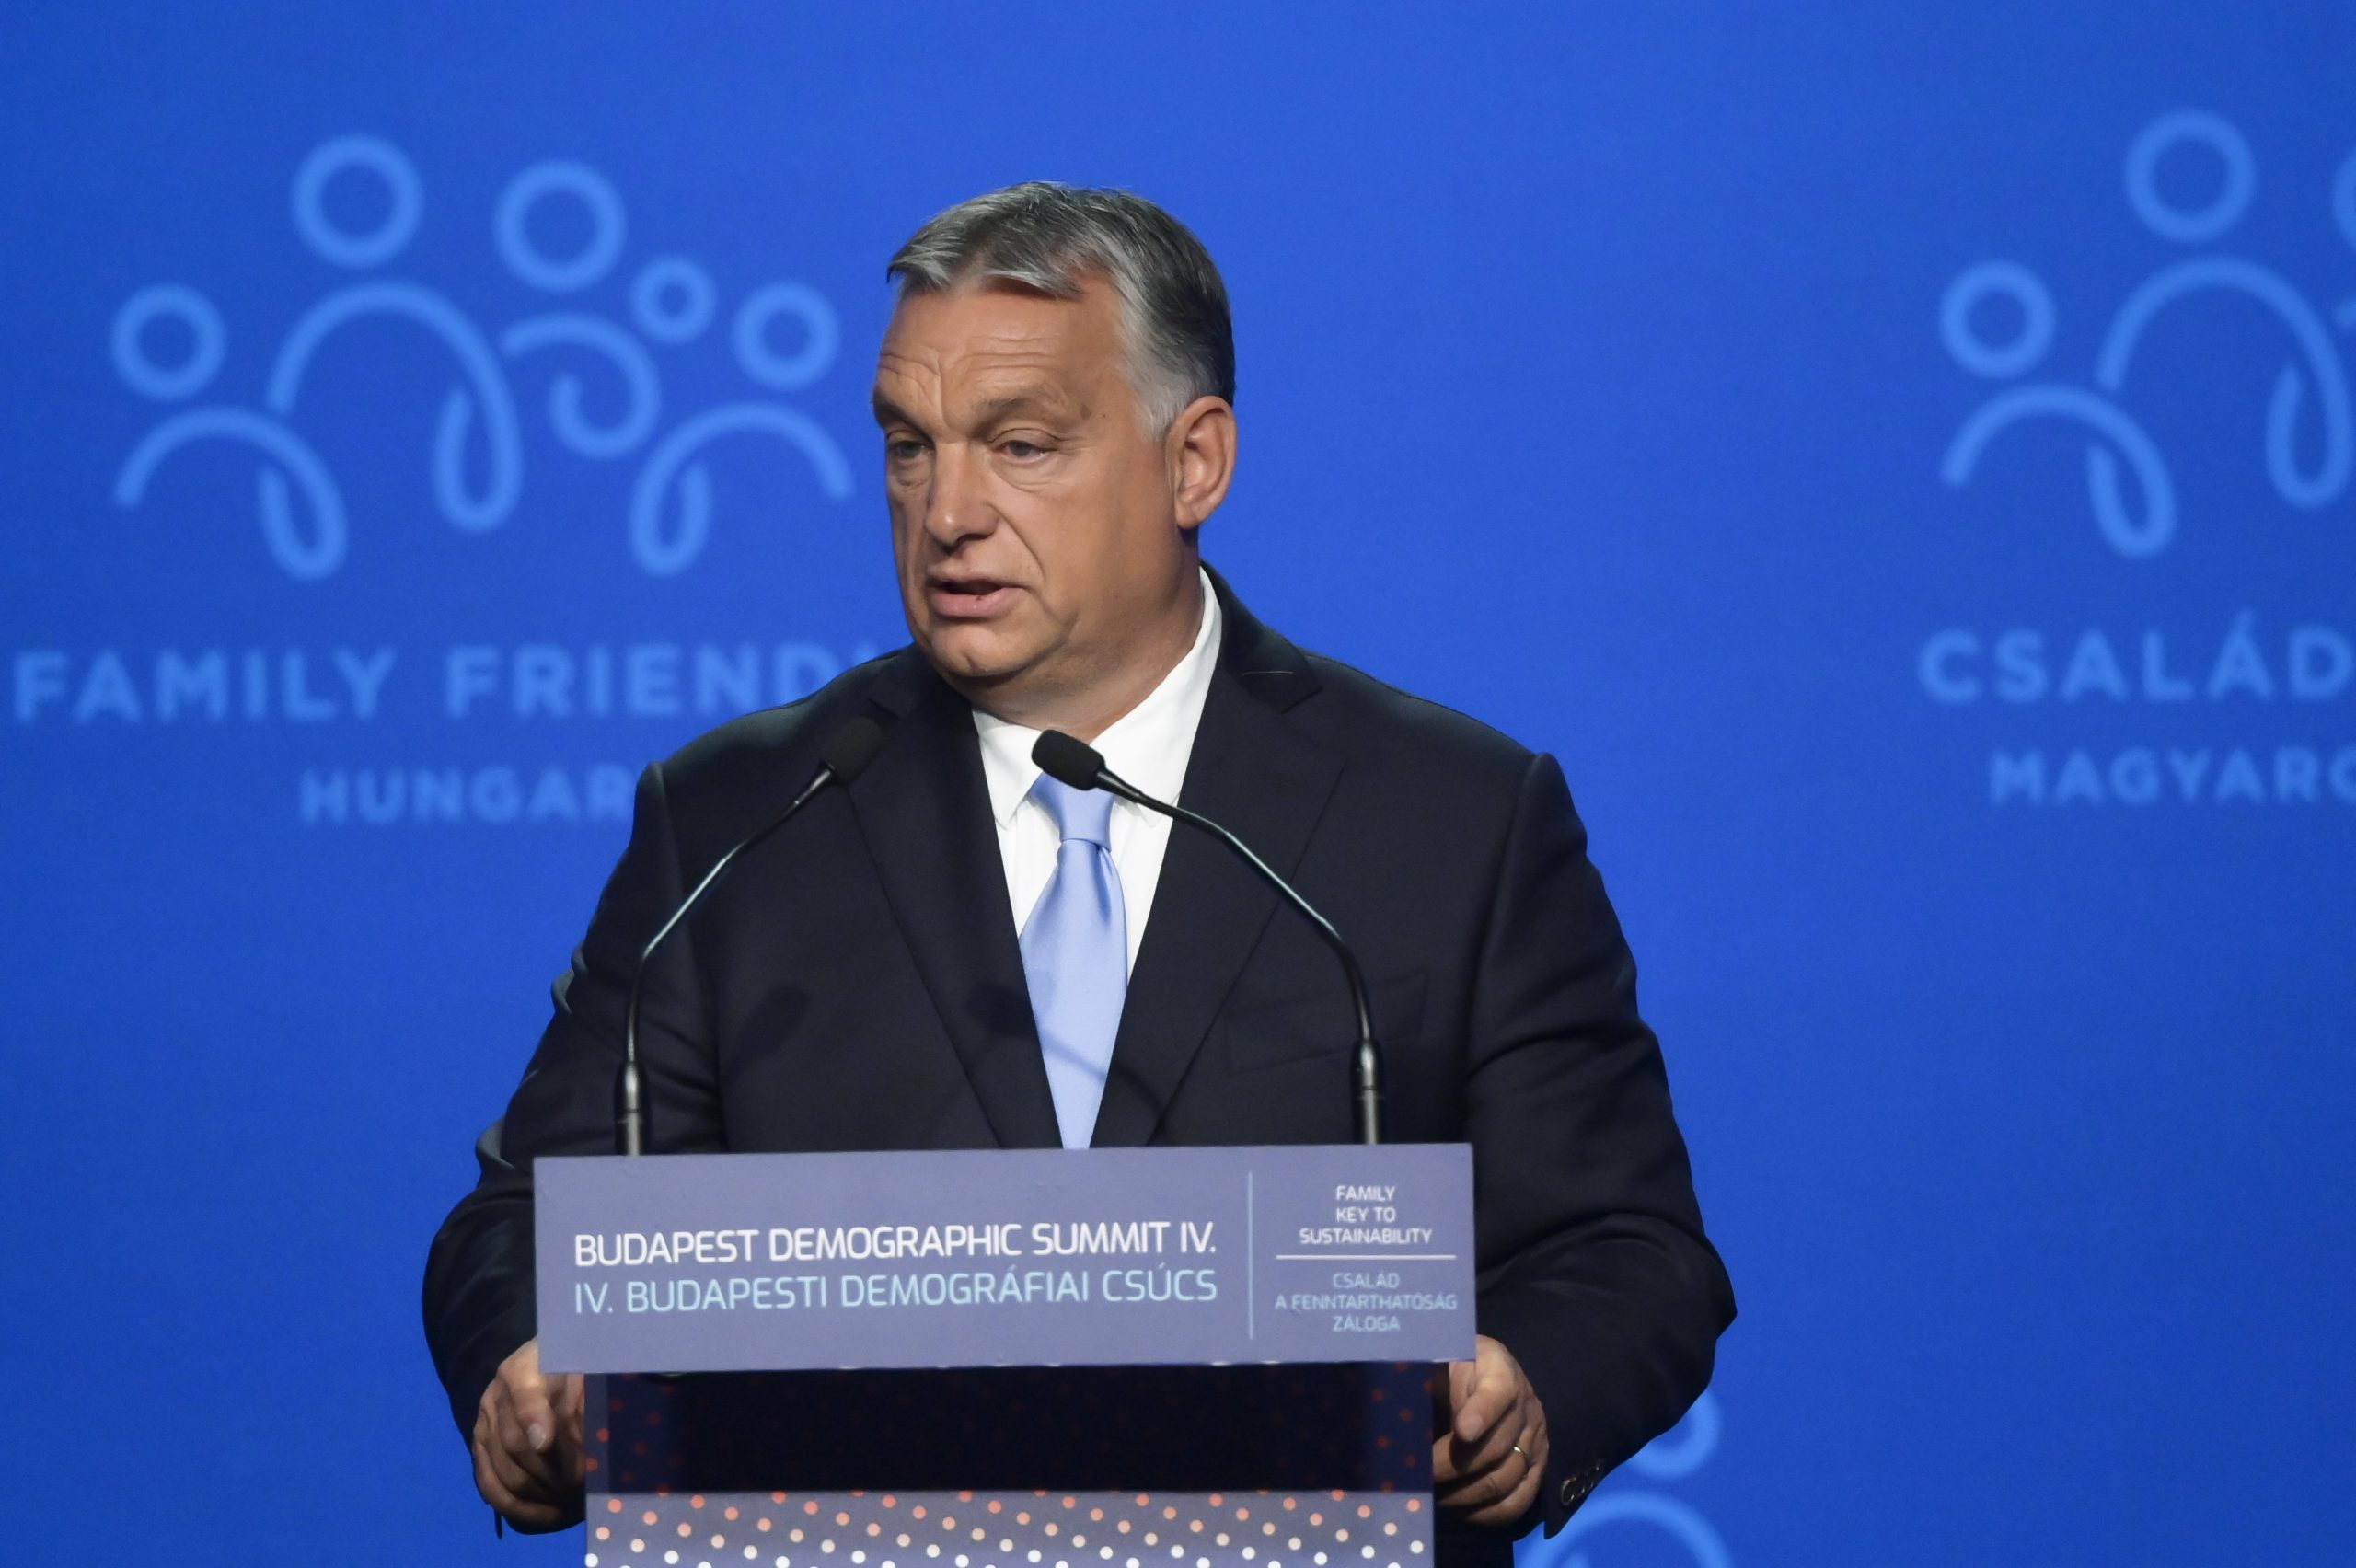 Orbán beim Demografiegipfel: